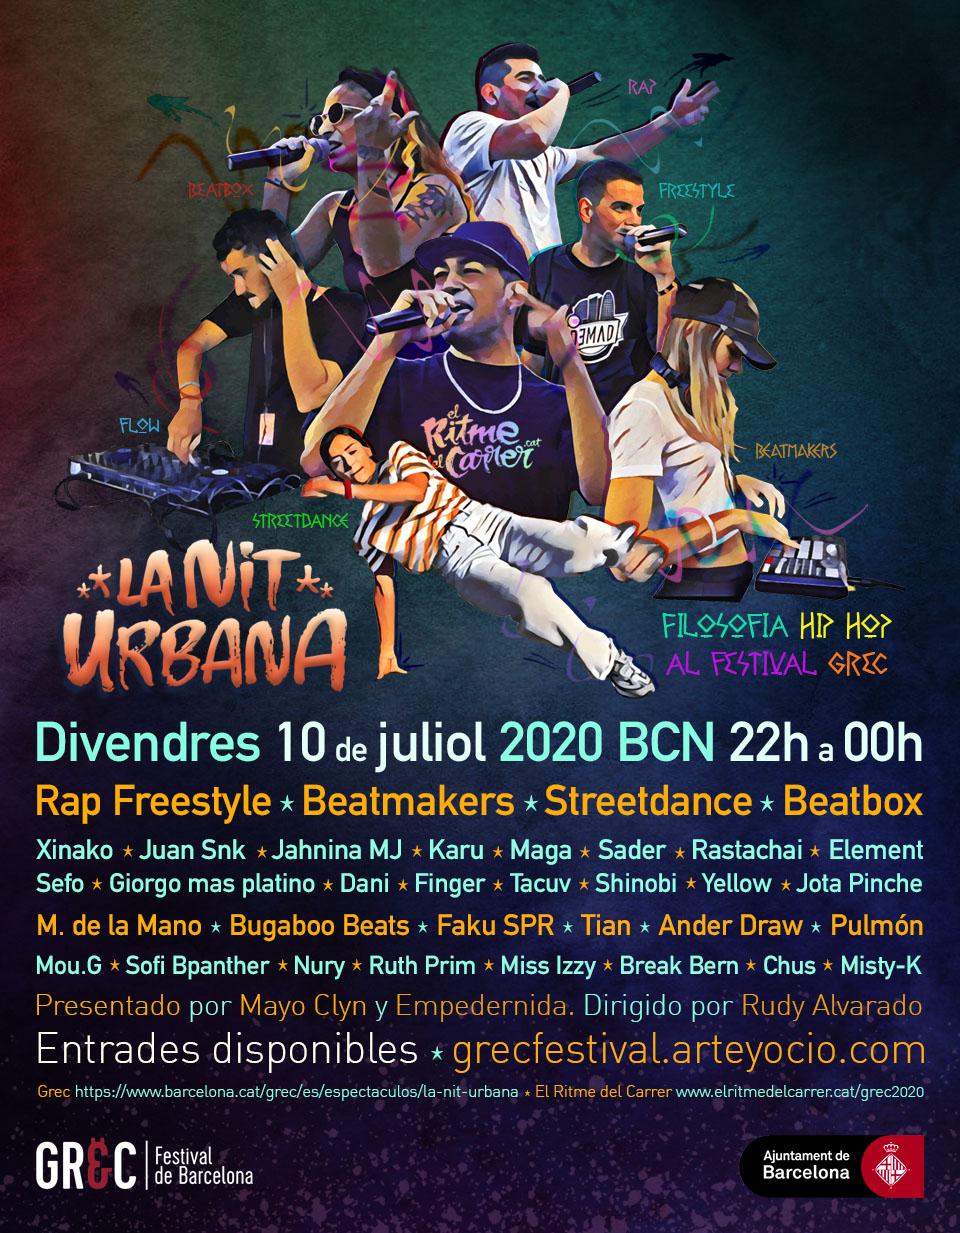 La Nit Urbana al Grec Festival Barcelona 10 de Juliol 2020